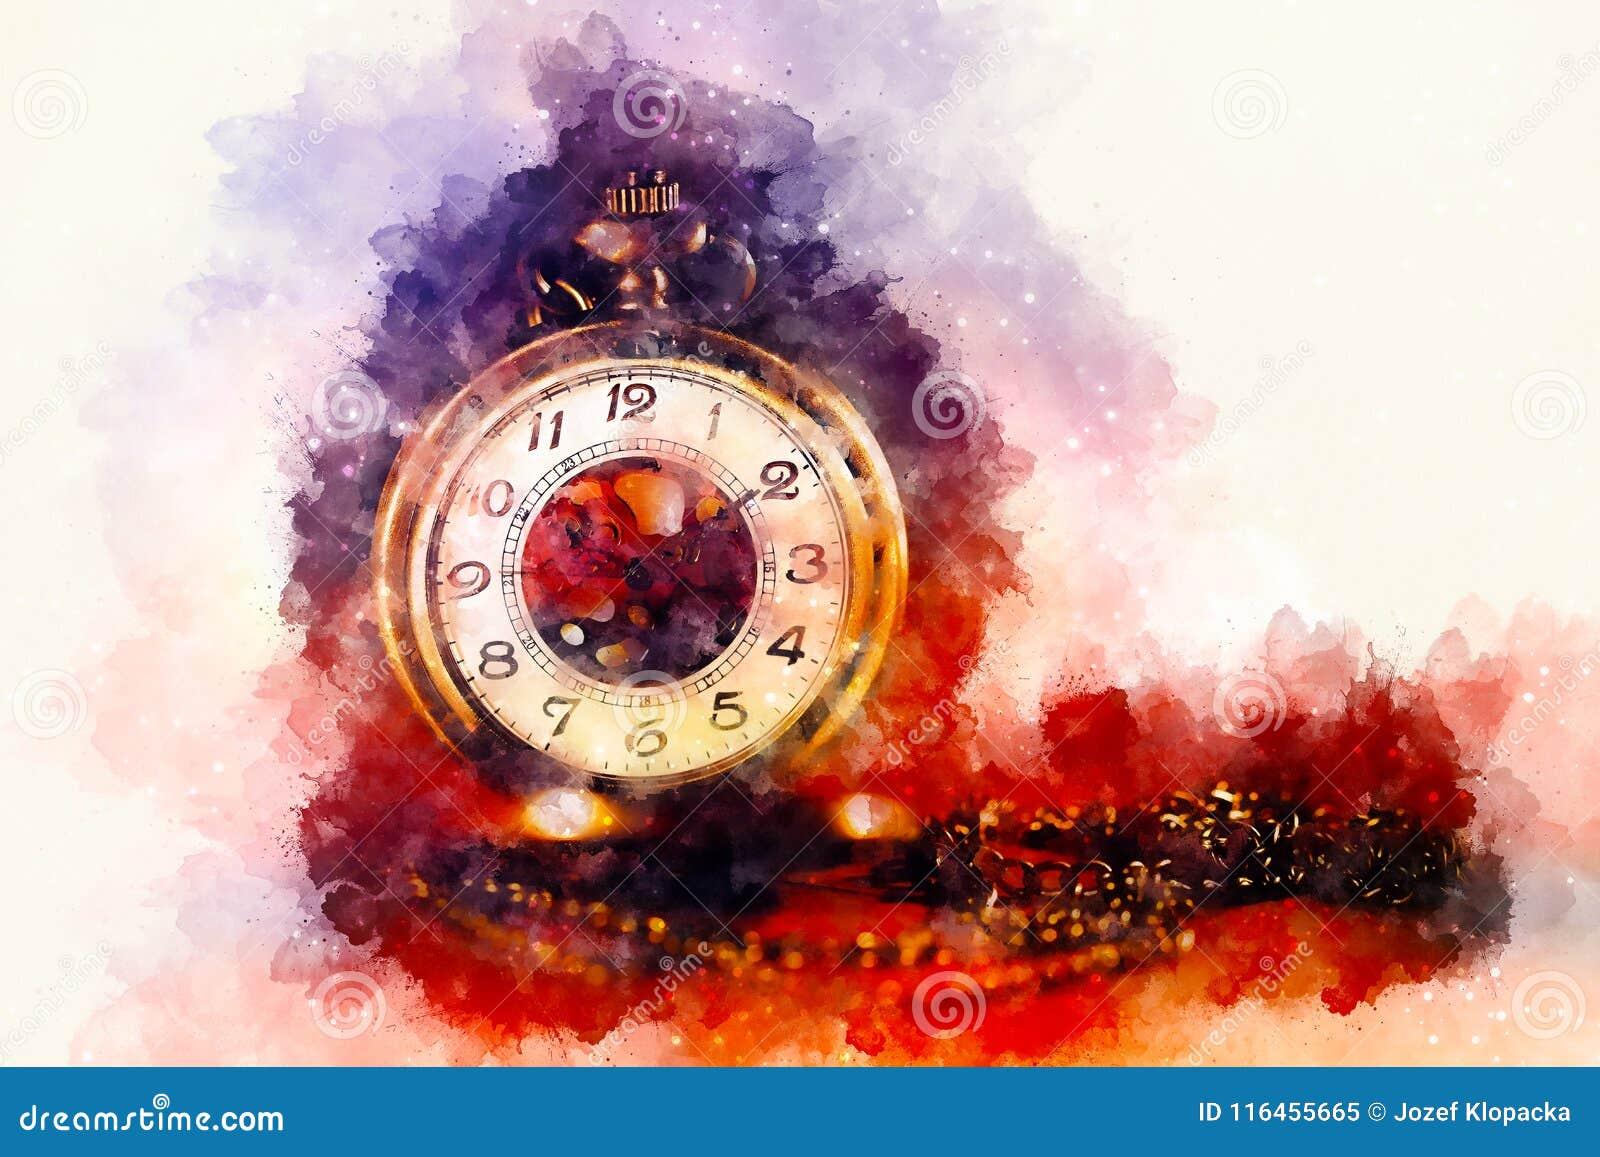 Suavemente De Vintage La Borroso Fondo Reloj Y Bolsillo Del 543RqjLA